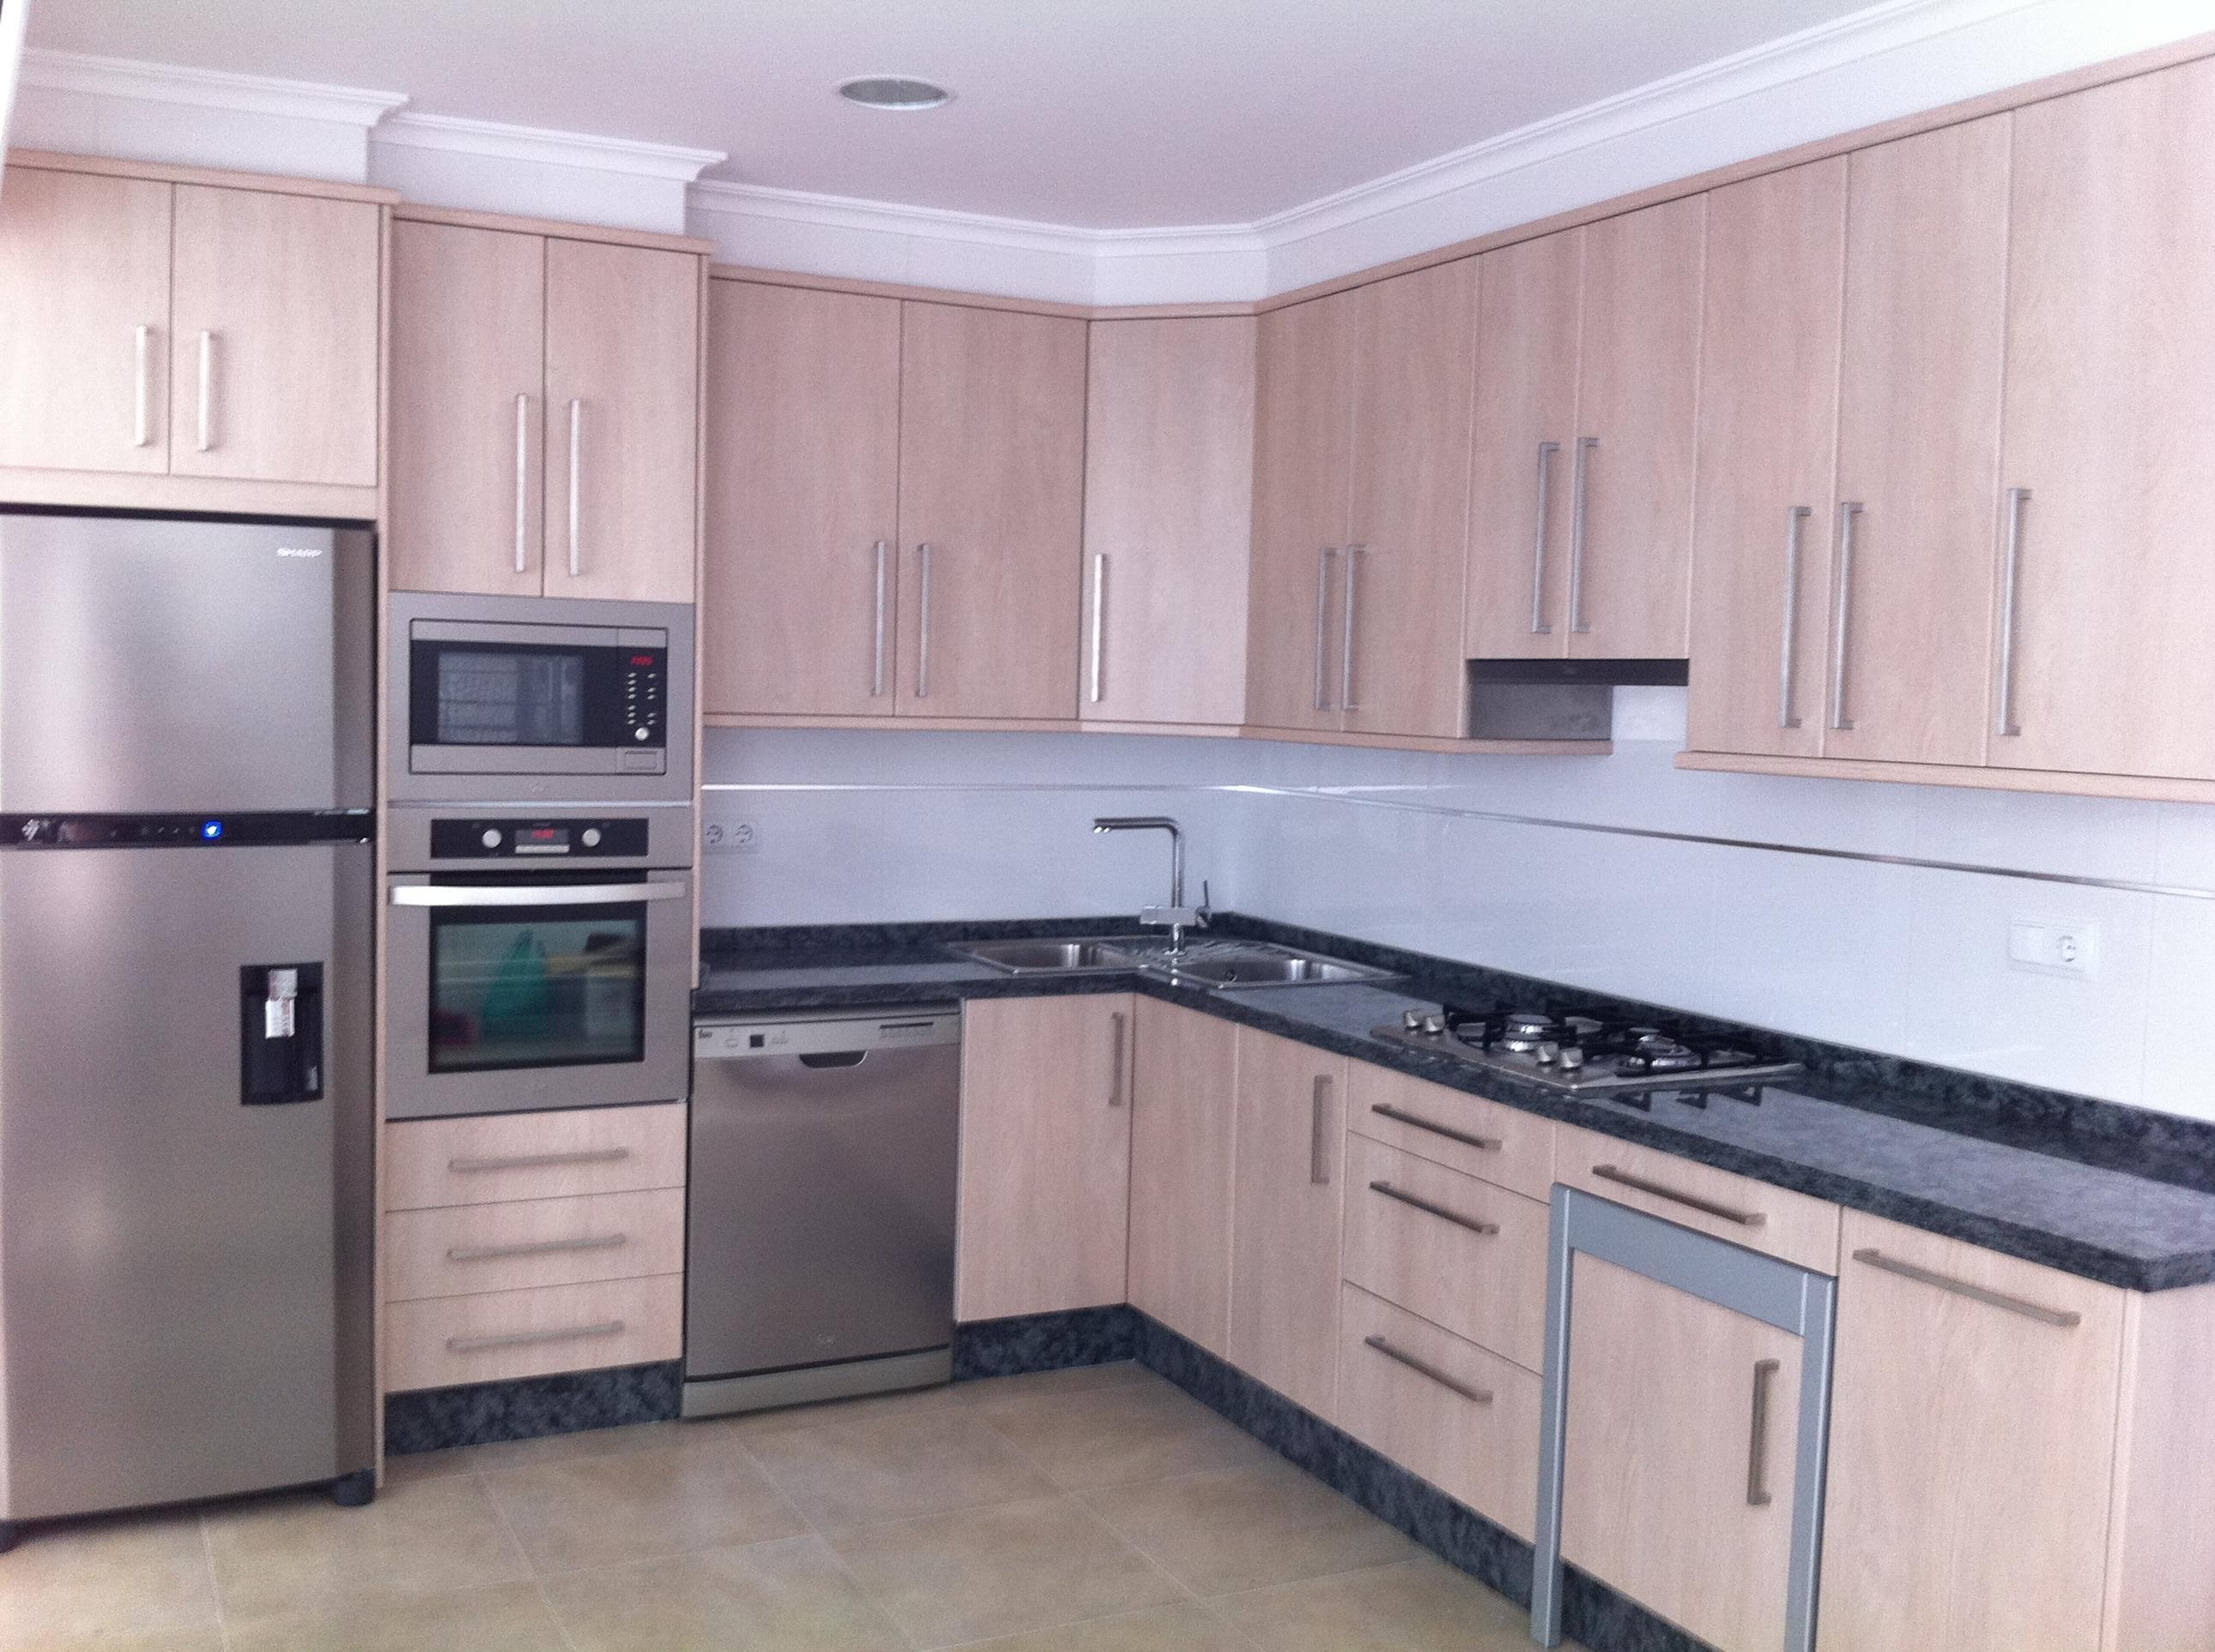 Muebles cocina fagor catalogo 20170804144817 for Mobiliario cocina